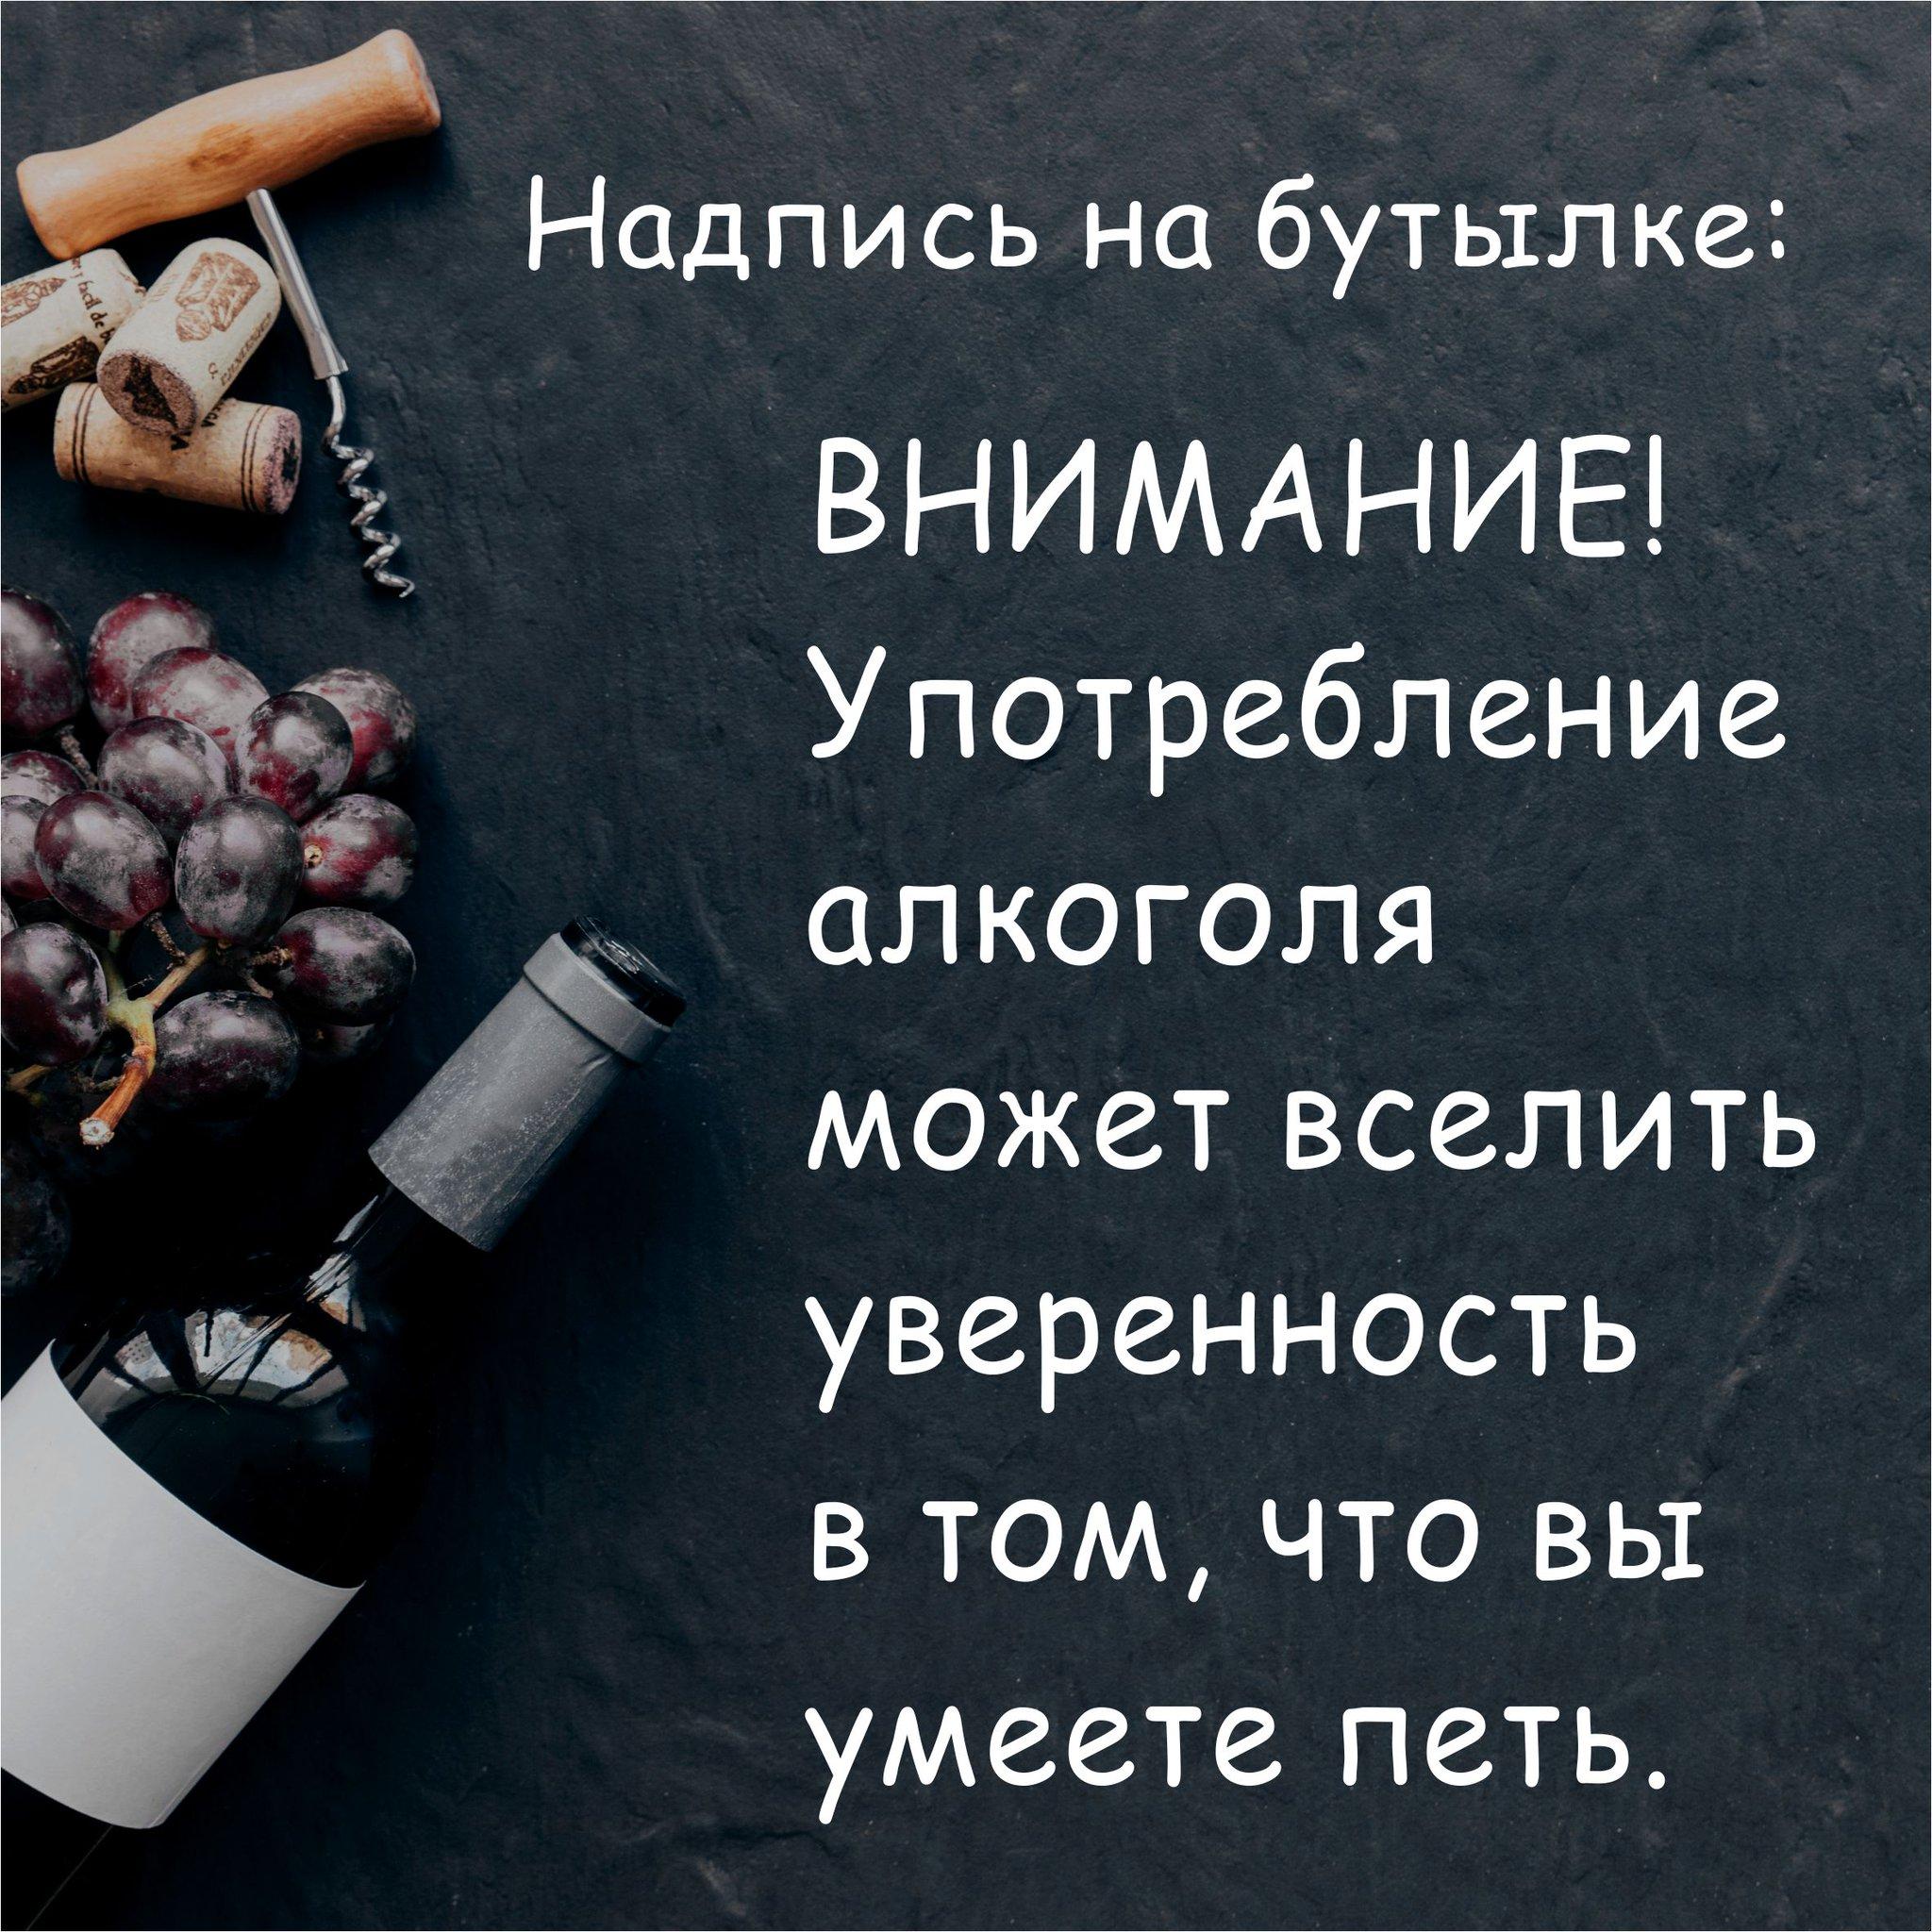 Для мамы, смешная картинка алкоголь